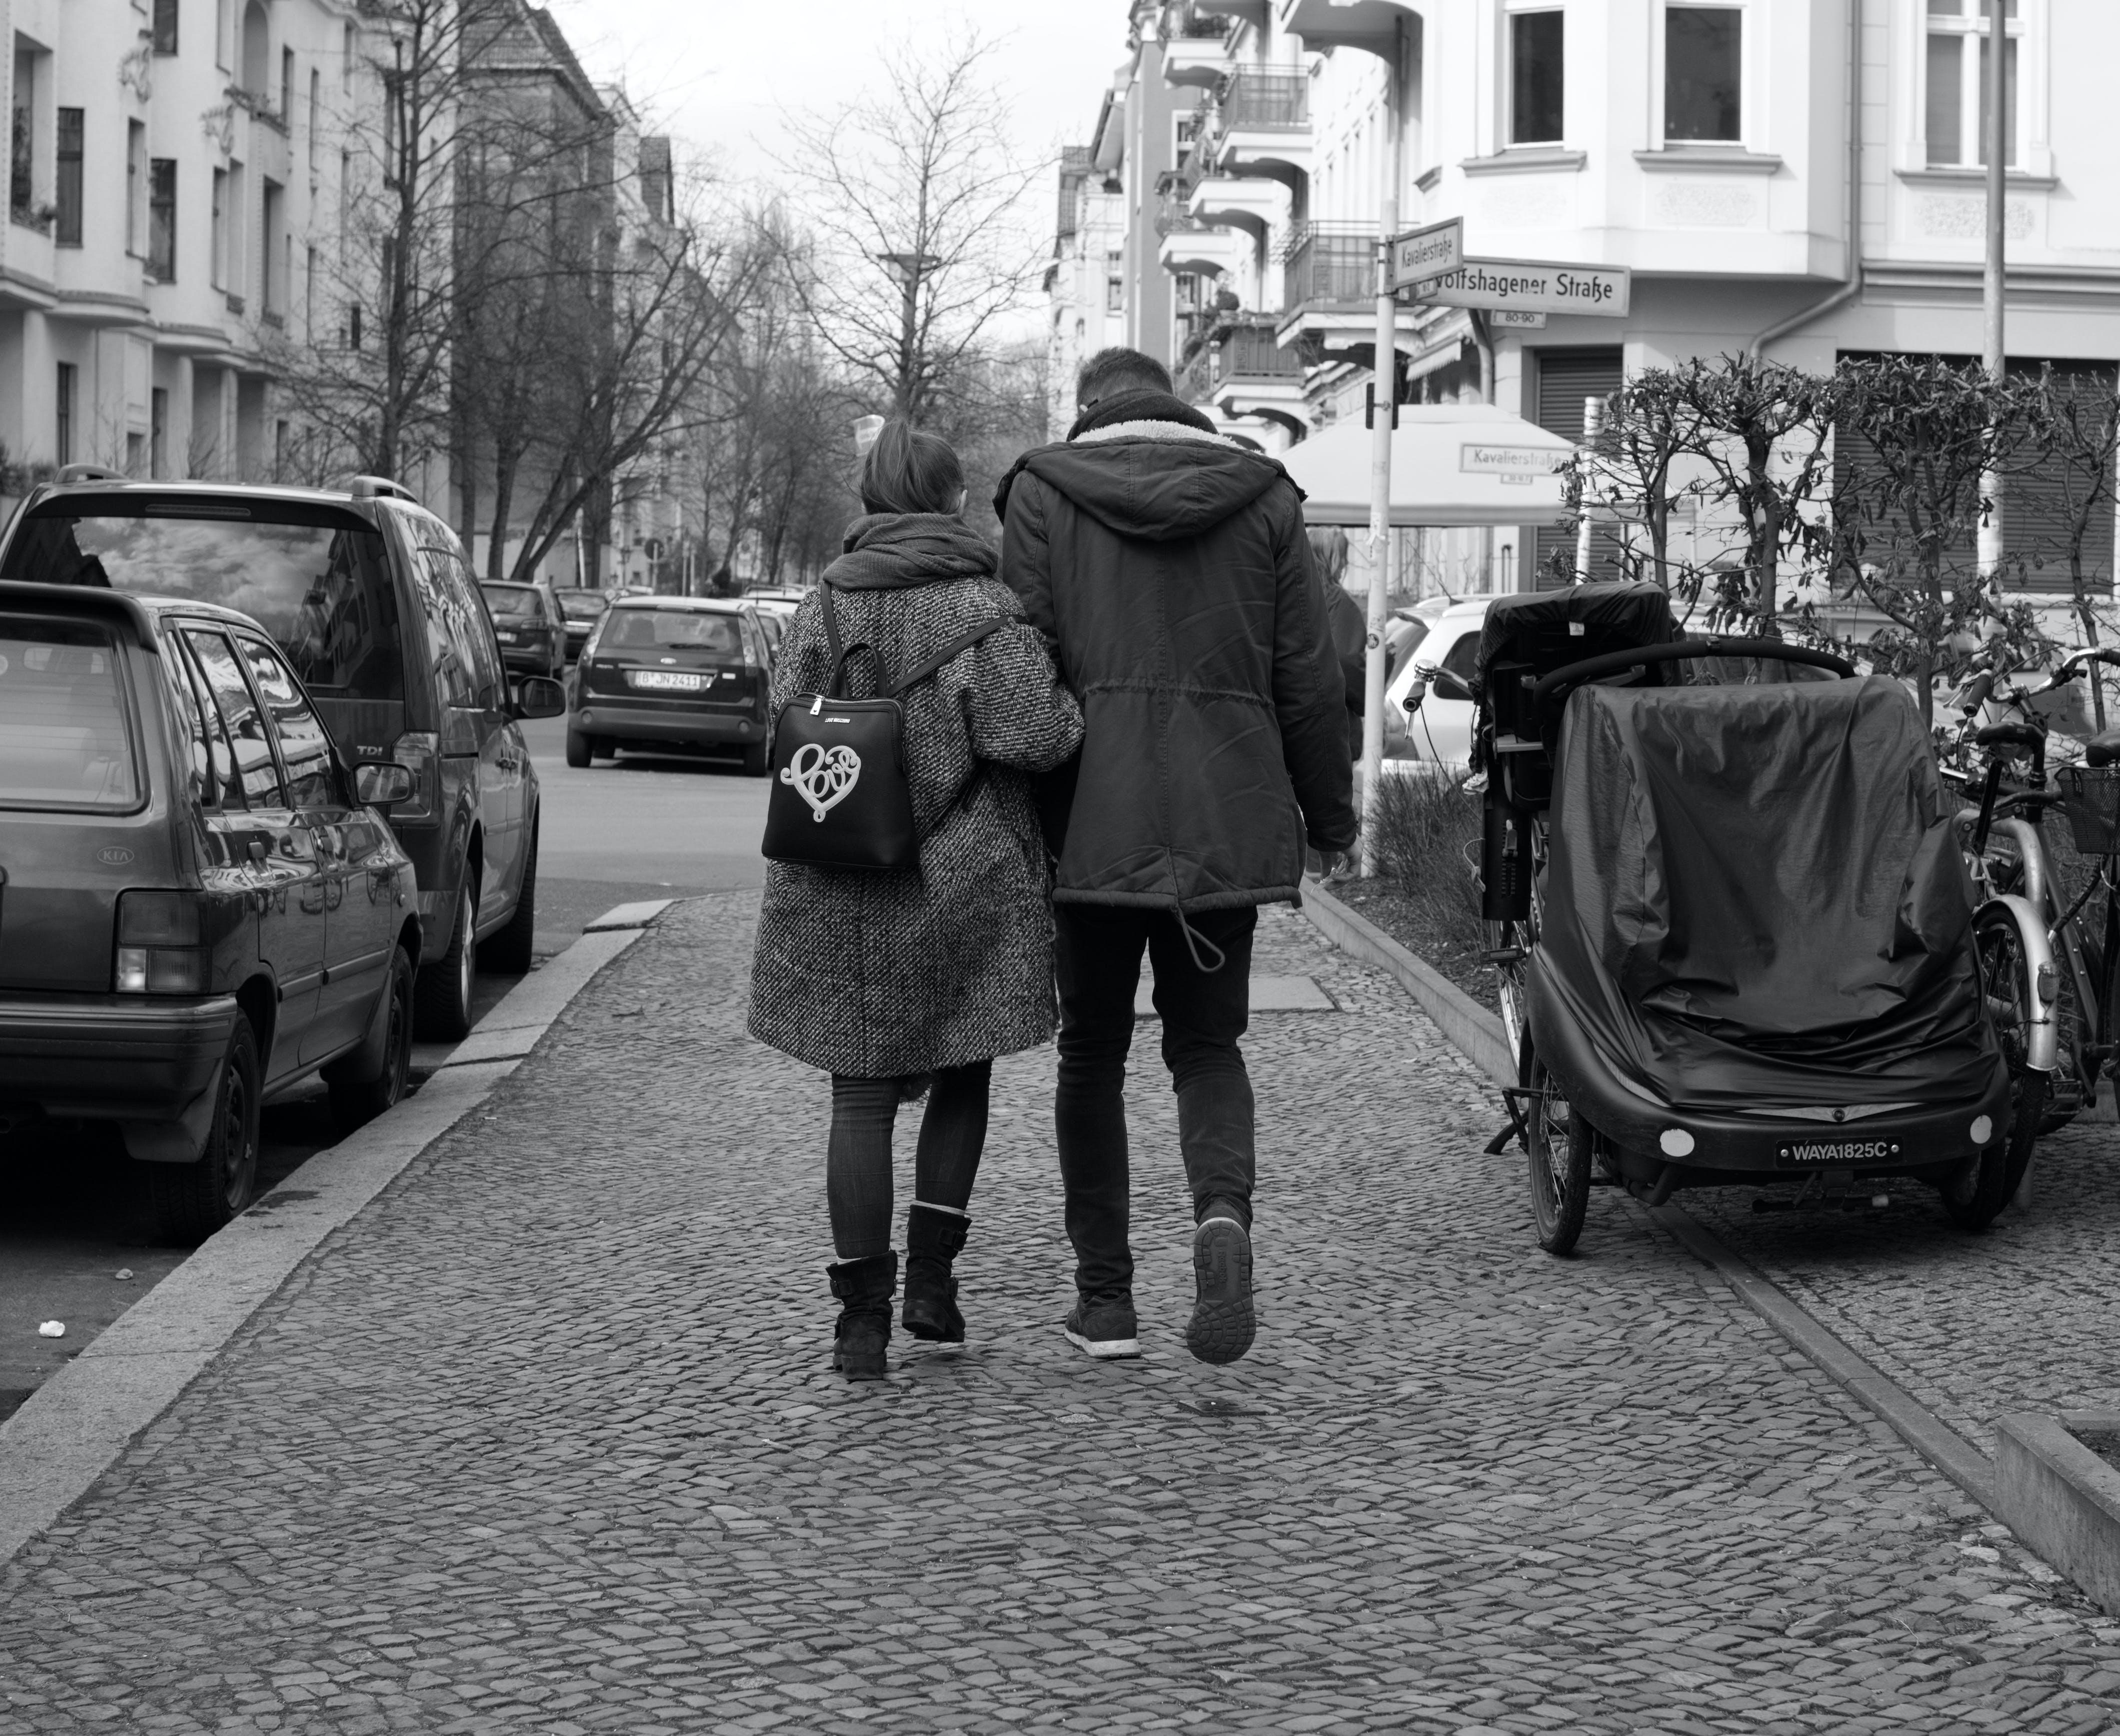 Δωρεάν στοκ φωτογραφιών με Άνθρωποι, ασπρόμαυρο, Βερολίνο, δρόμος